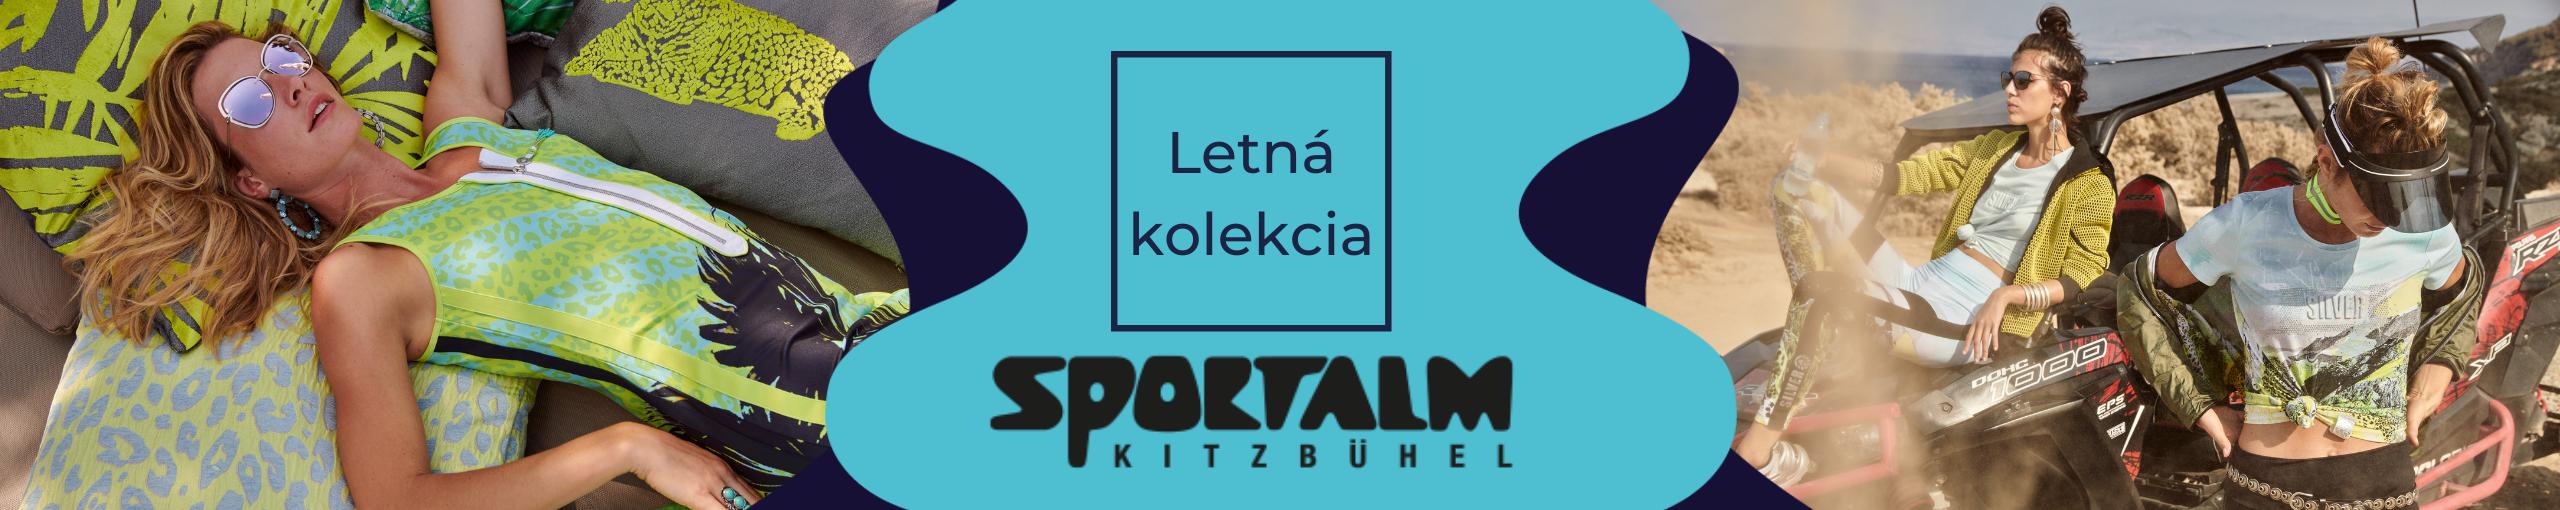 Sportalm Letná kolekcia 21